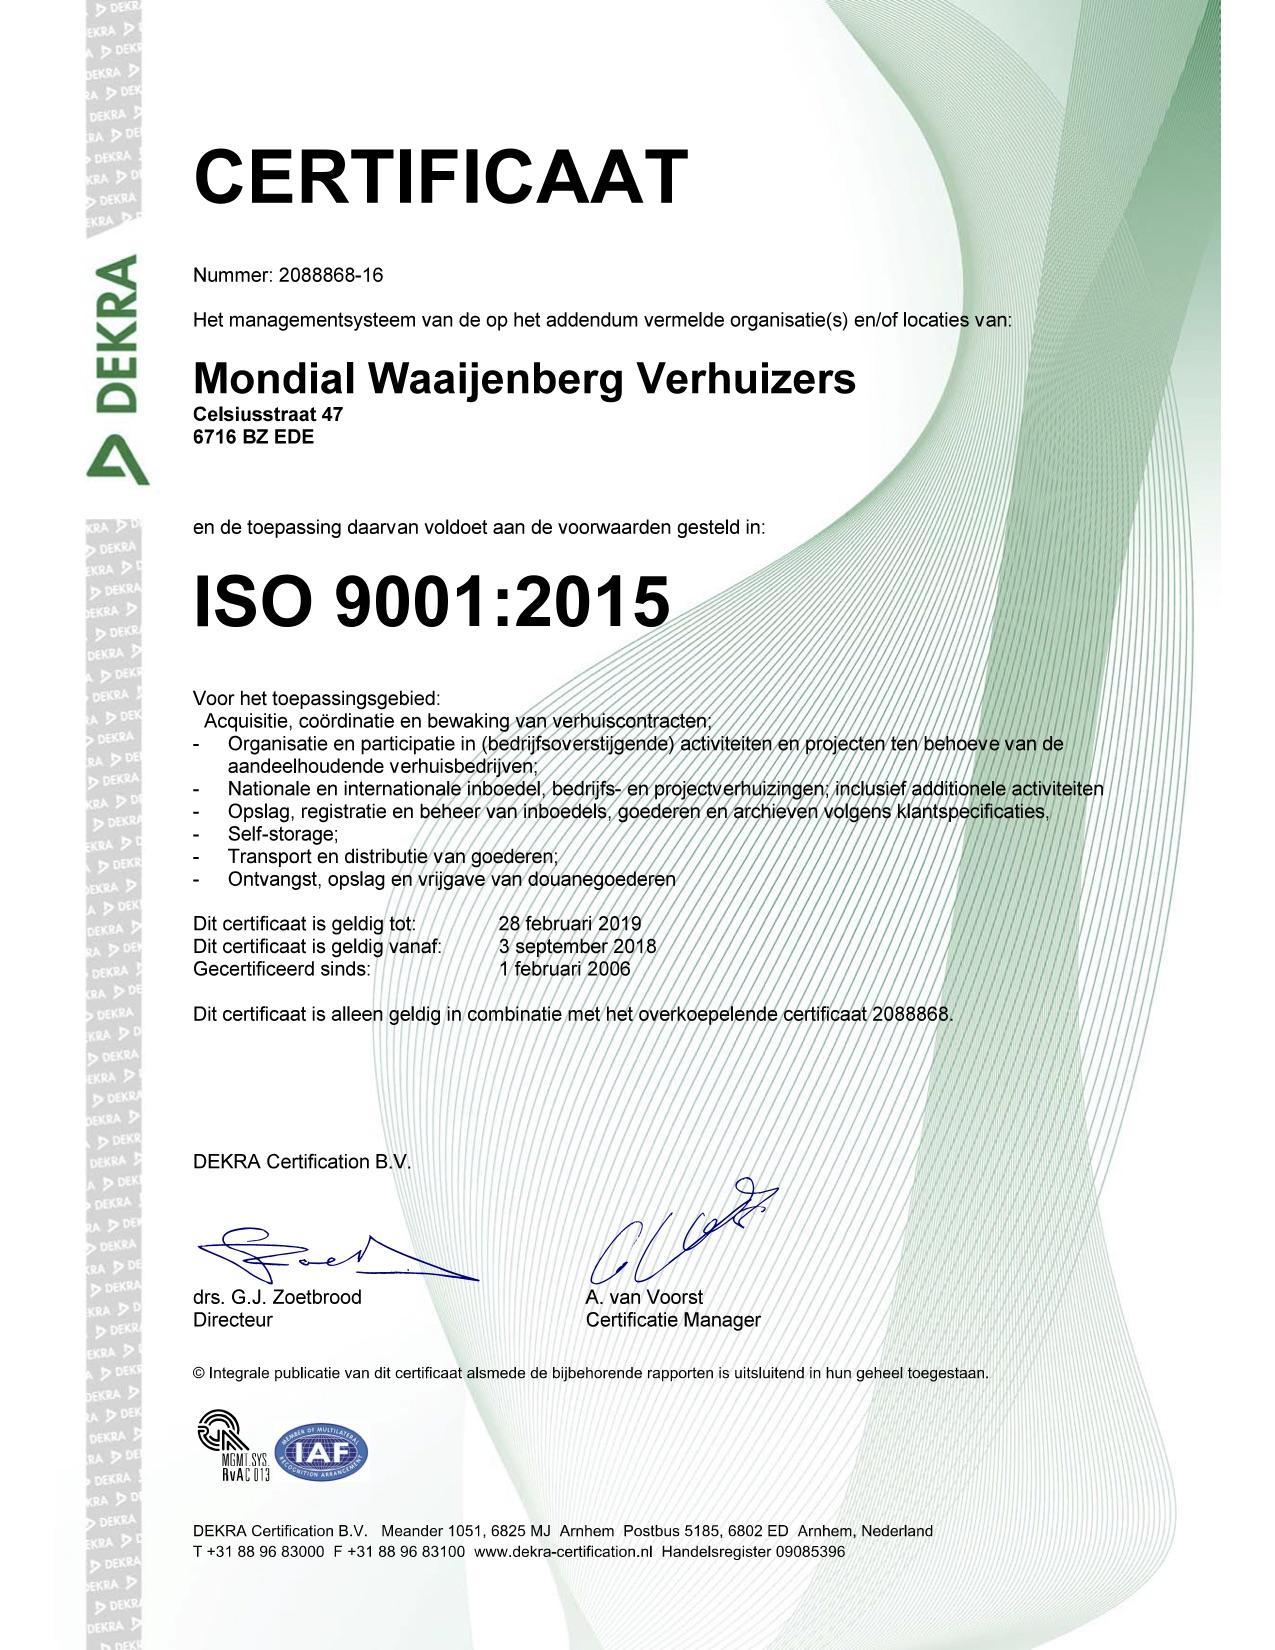 Mondial Waaijenberg Verhuizers behaalt ISO 9001, ISO 14001 en OHSAS 18001 certificaten